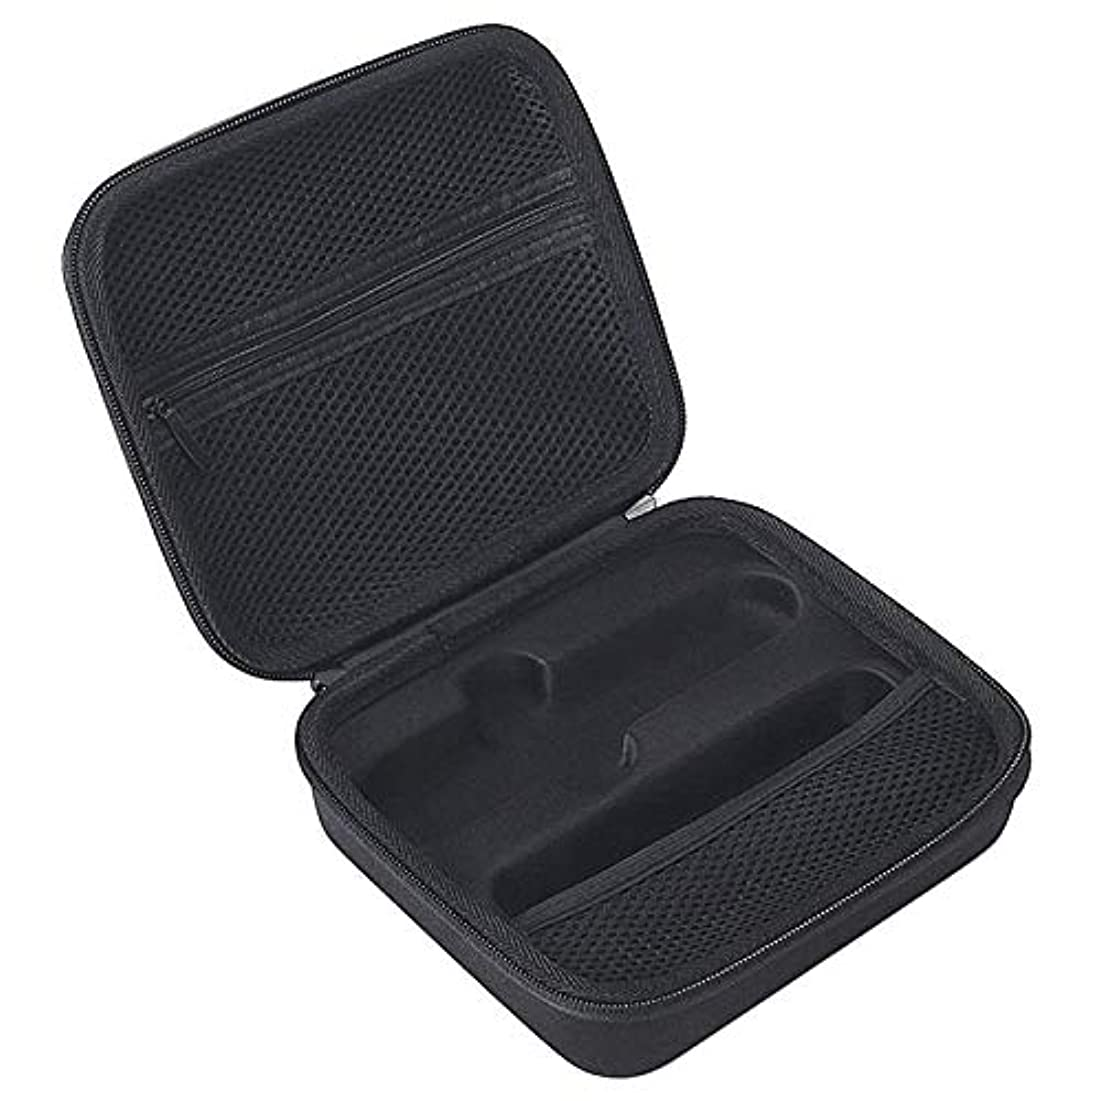 ルーフ香ばしいリマークACAMPTAR ハードトラベルボックスカバーバッグケース Norelco Multi Groomer Series 3000/5000/7000 Mg3750 Mg5750/49 Mg7750/49用